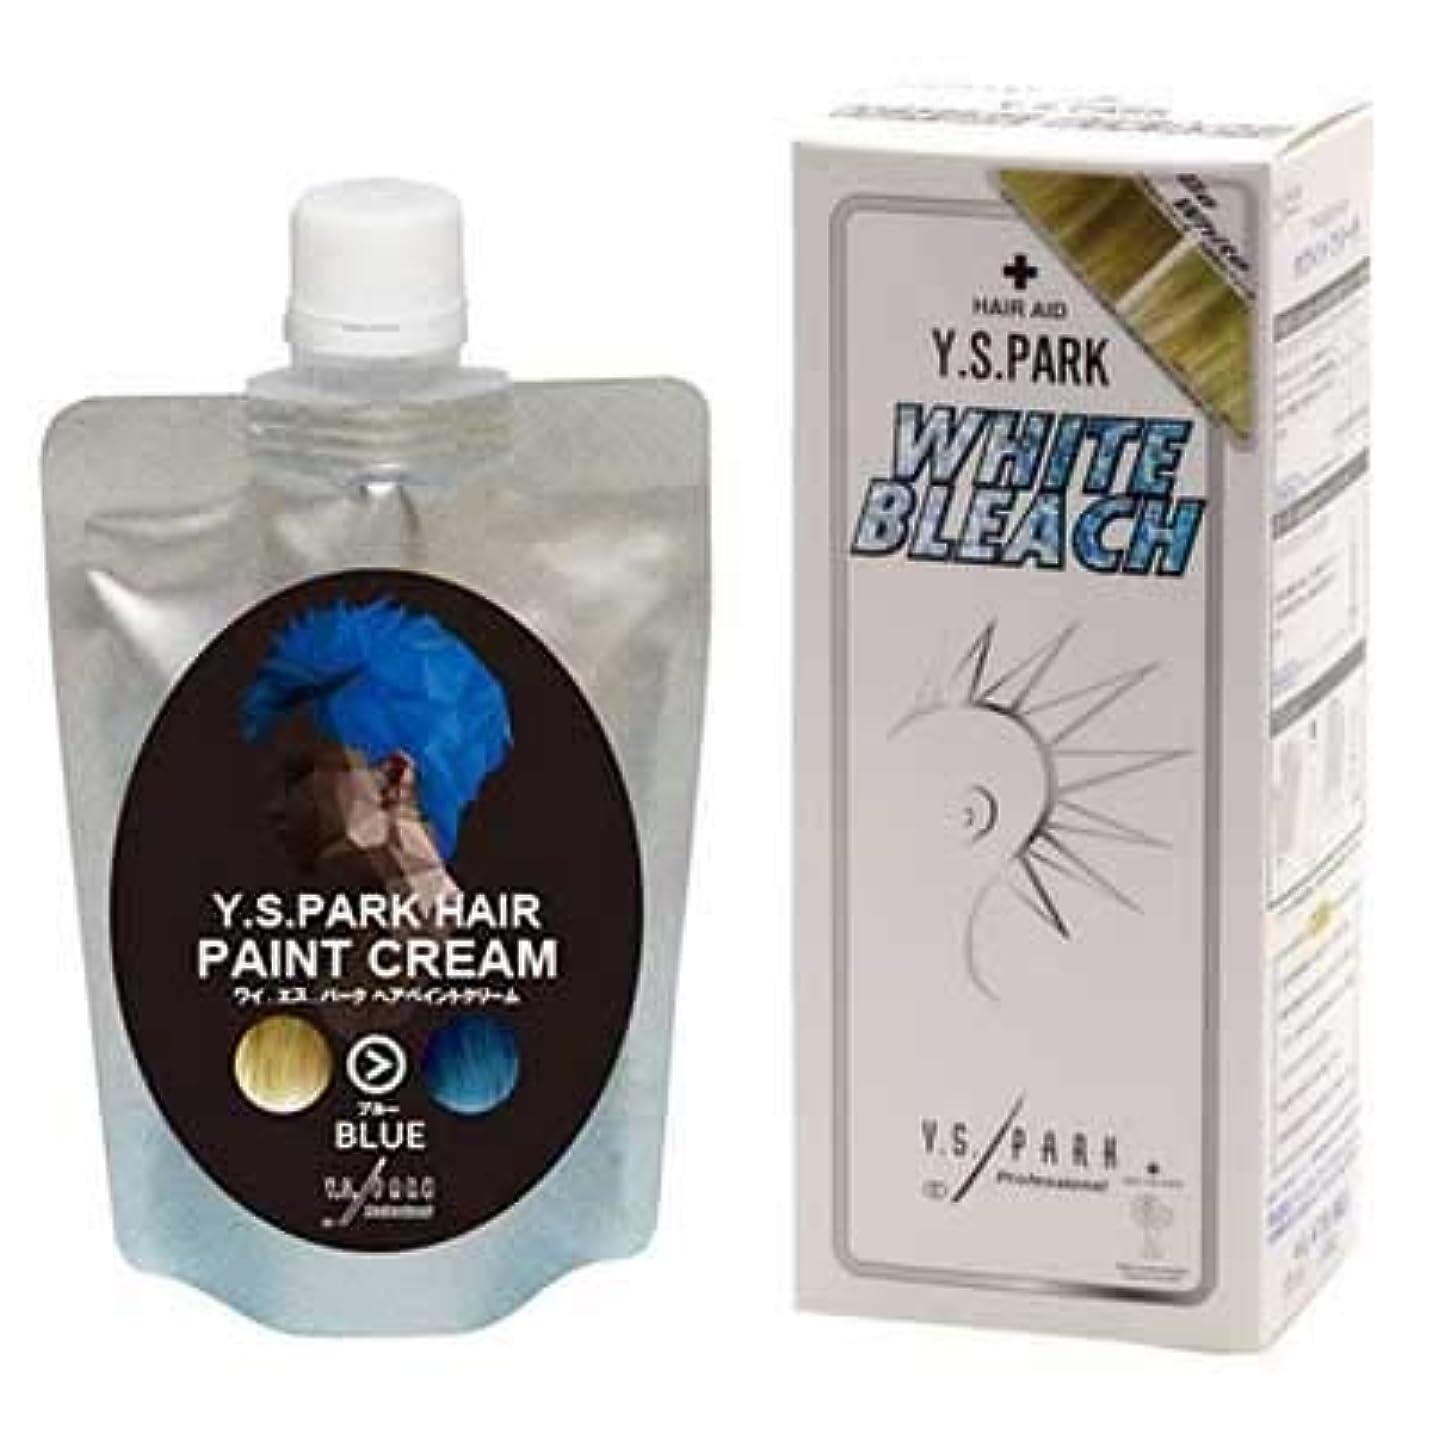 読みやすい誠意ブラシY.S.PARKヘアペイントクリーム ブルー 200g & Y.S.PARKホワイトブリーチセット